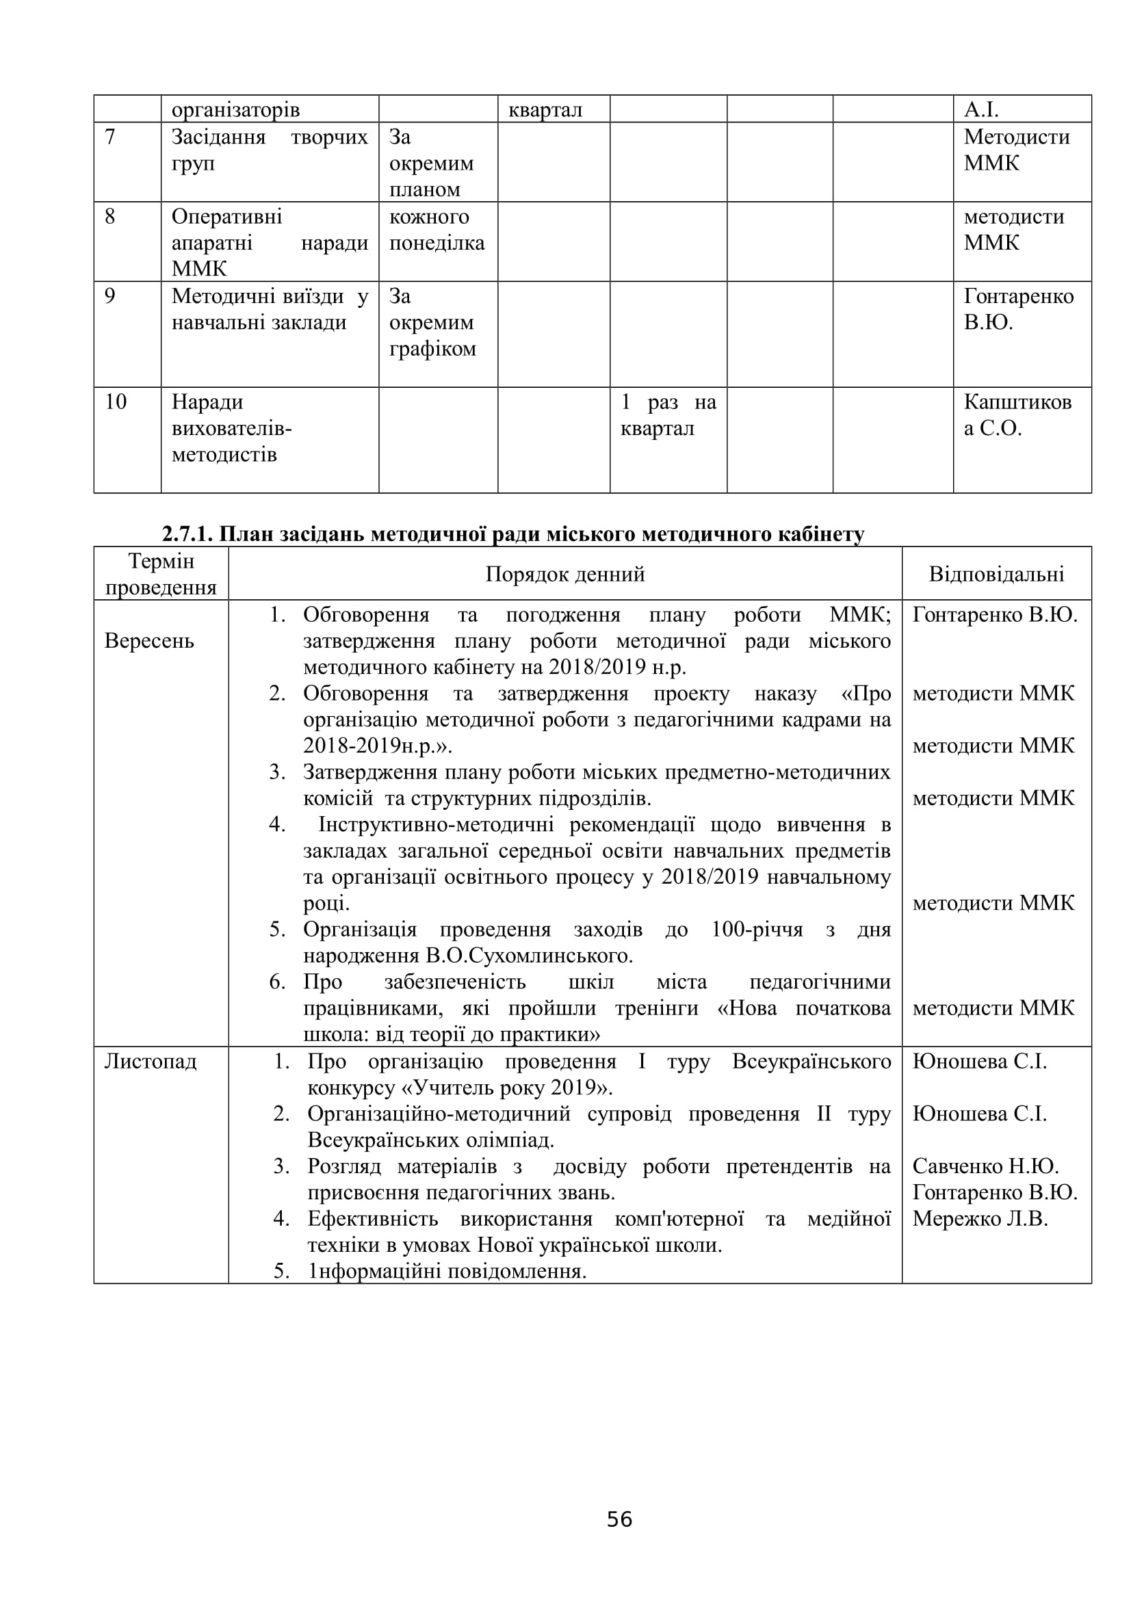 Костянтинівка 2018-2019 - ММК план роботи-57